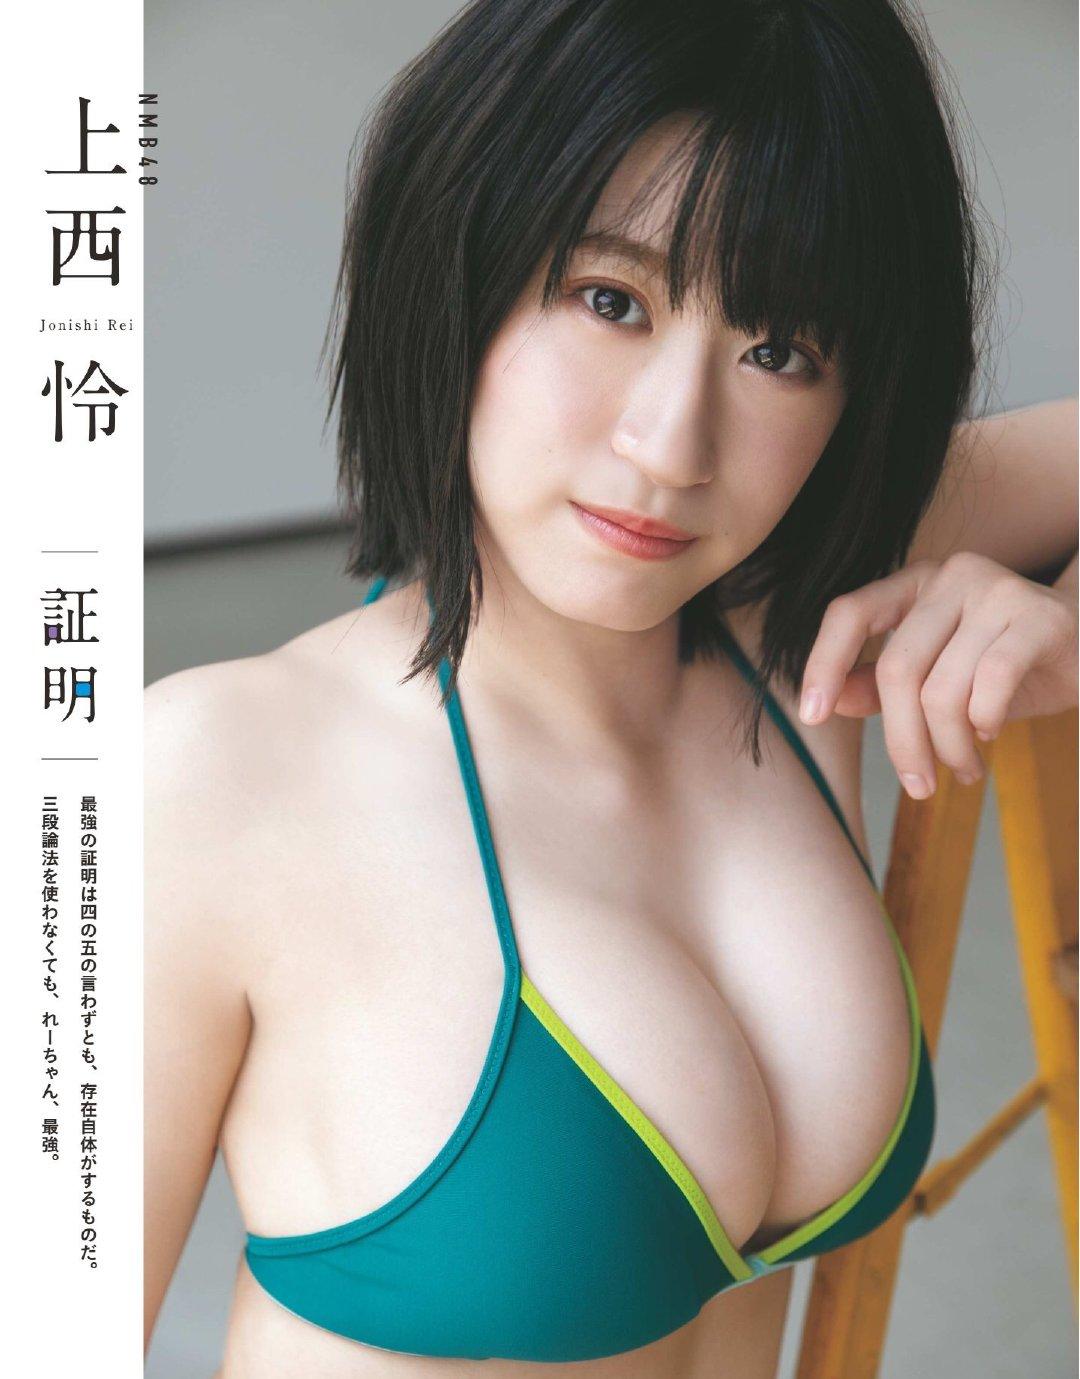 [无言说妹子]太犯规!NMB48成员@上西怜 清纯脸庞下的「超级凶器」好危险啊!